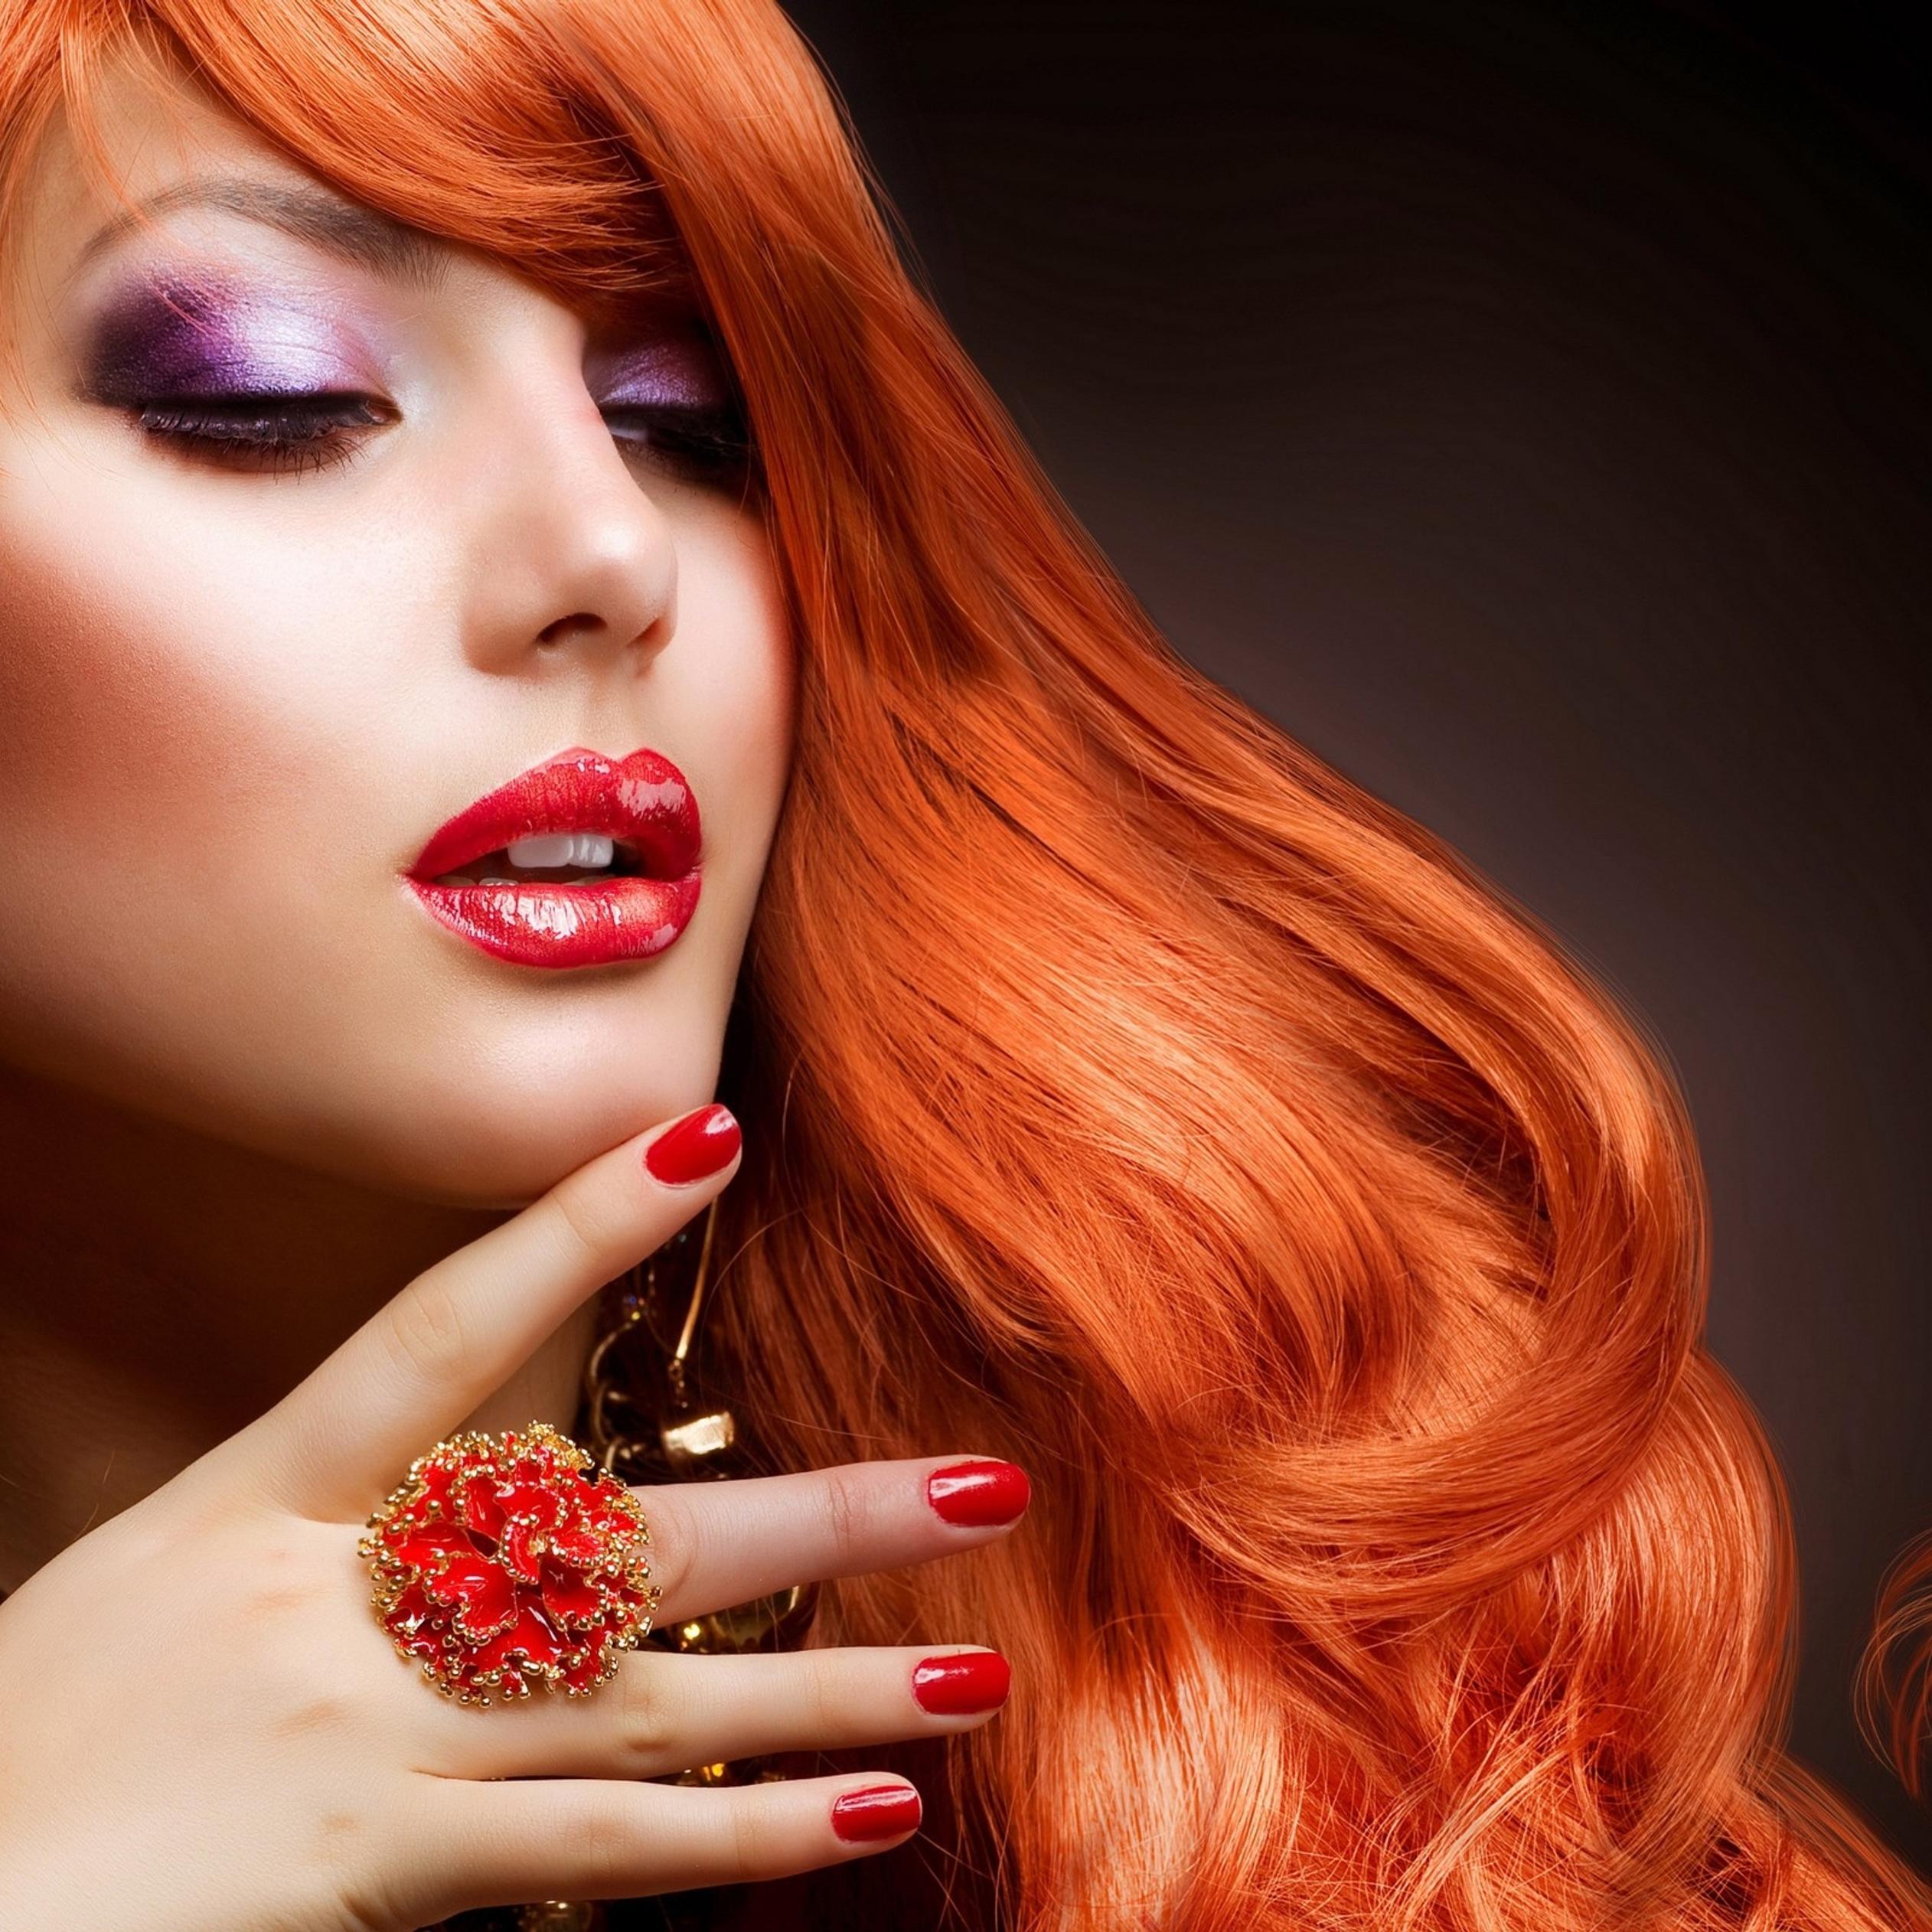 Hot Orange Hair And Beautiful Makeup Hd Wallpaper